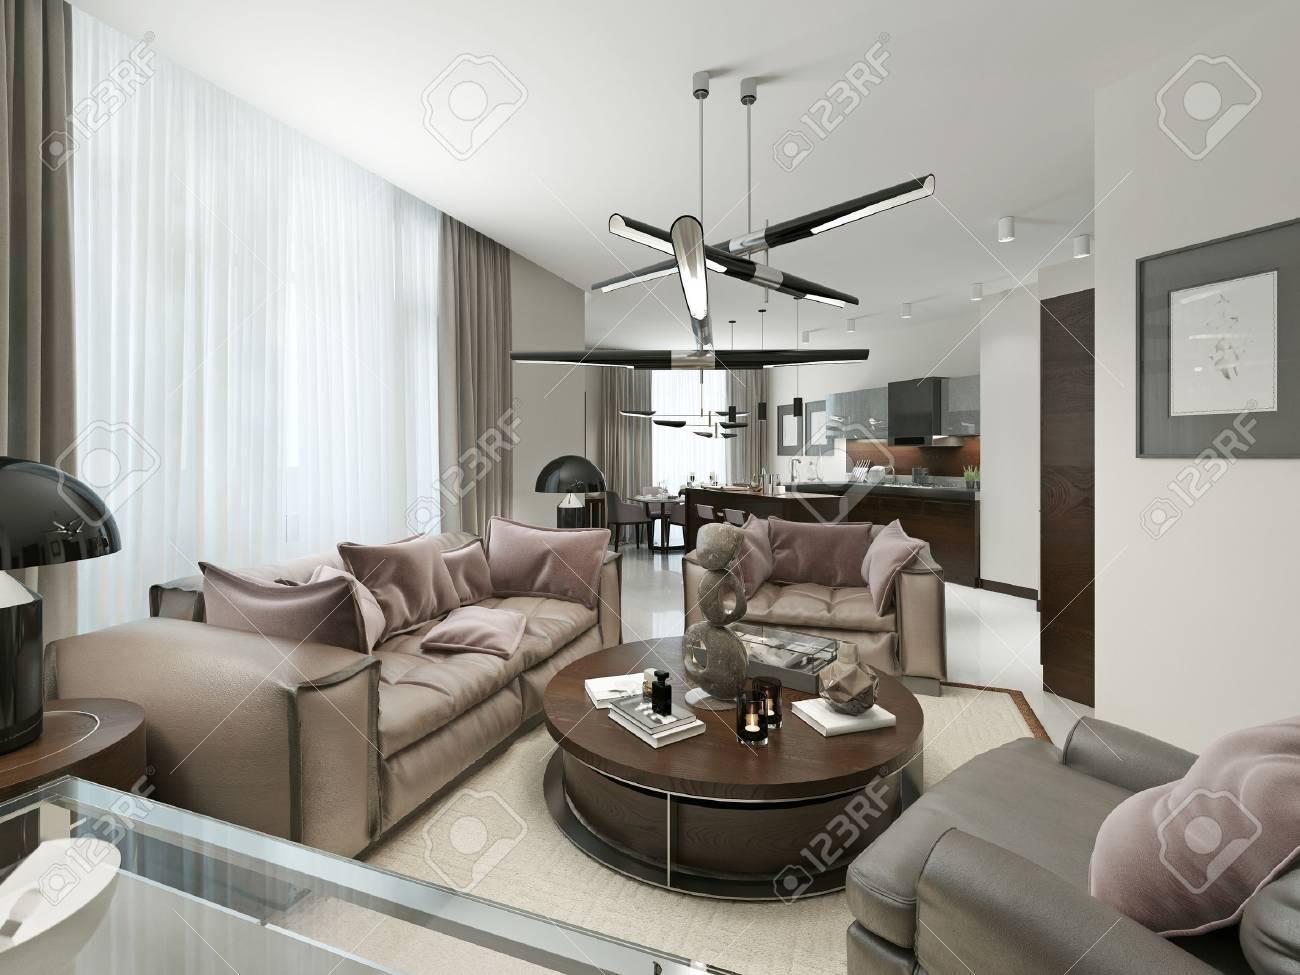 Standard Bild   Zimmer Studio In Einem Modernen Design. Mit Wohnzimmer,  Küche Und Esszimmer. Die Warmen Braun  Und Beigetönen.